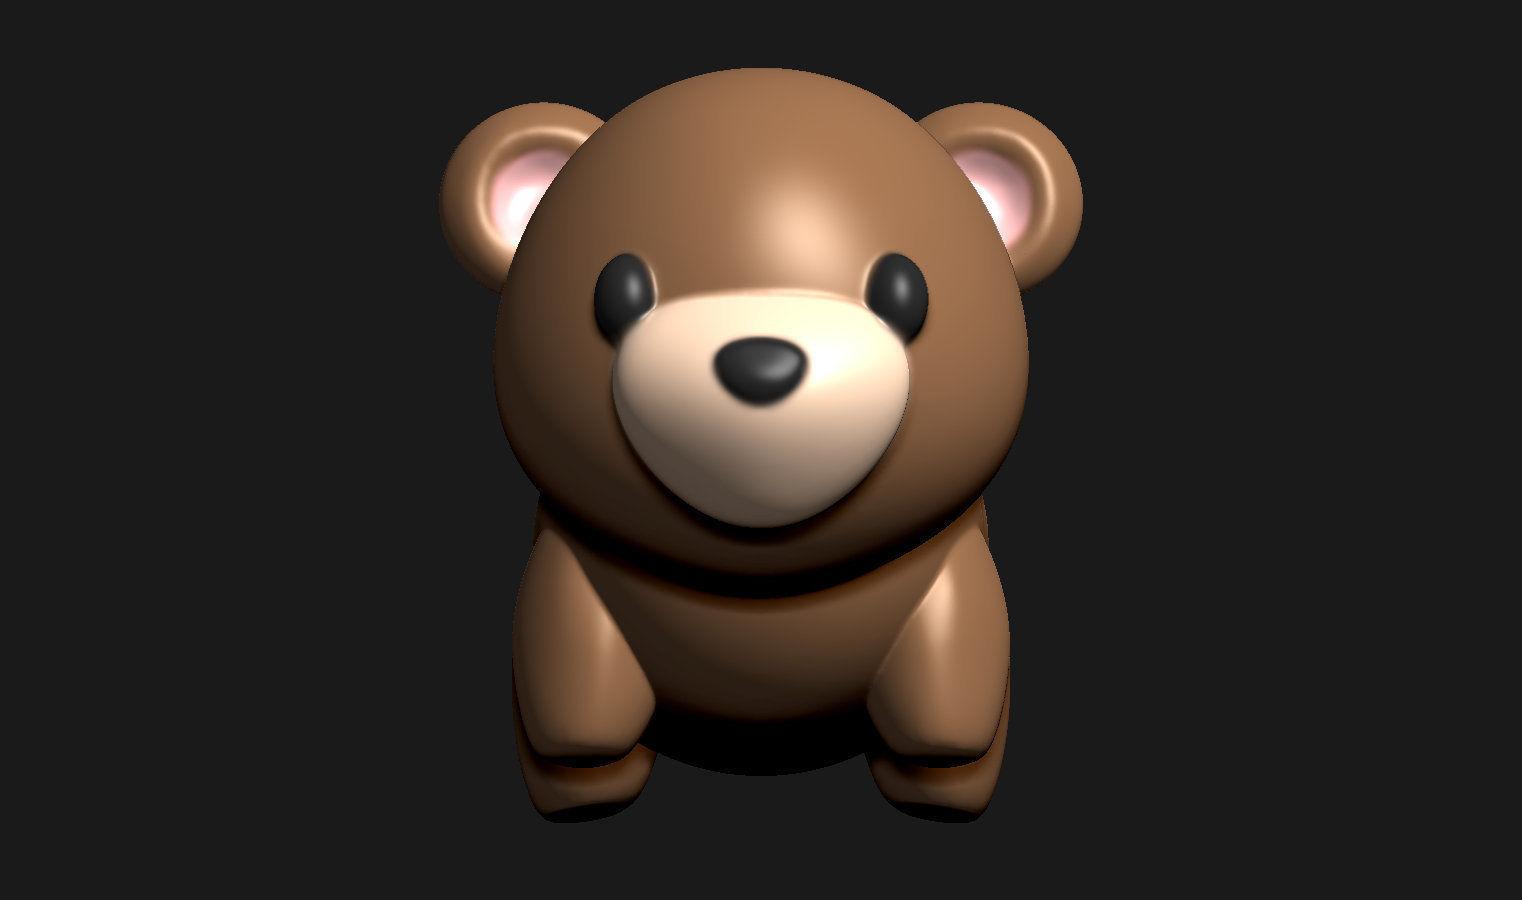 Teddy bear tiny figurine for 3D printing